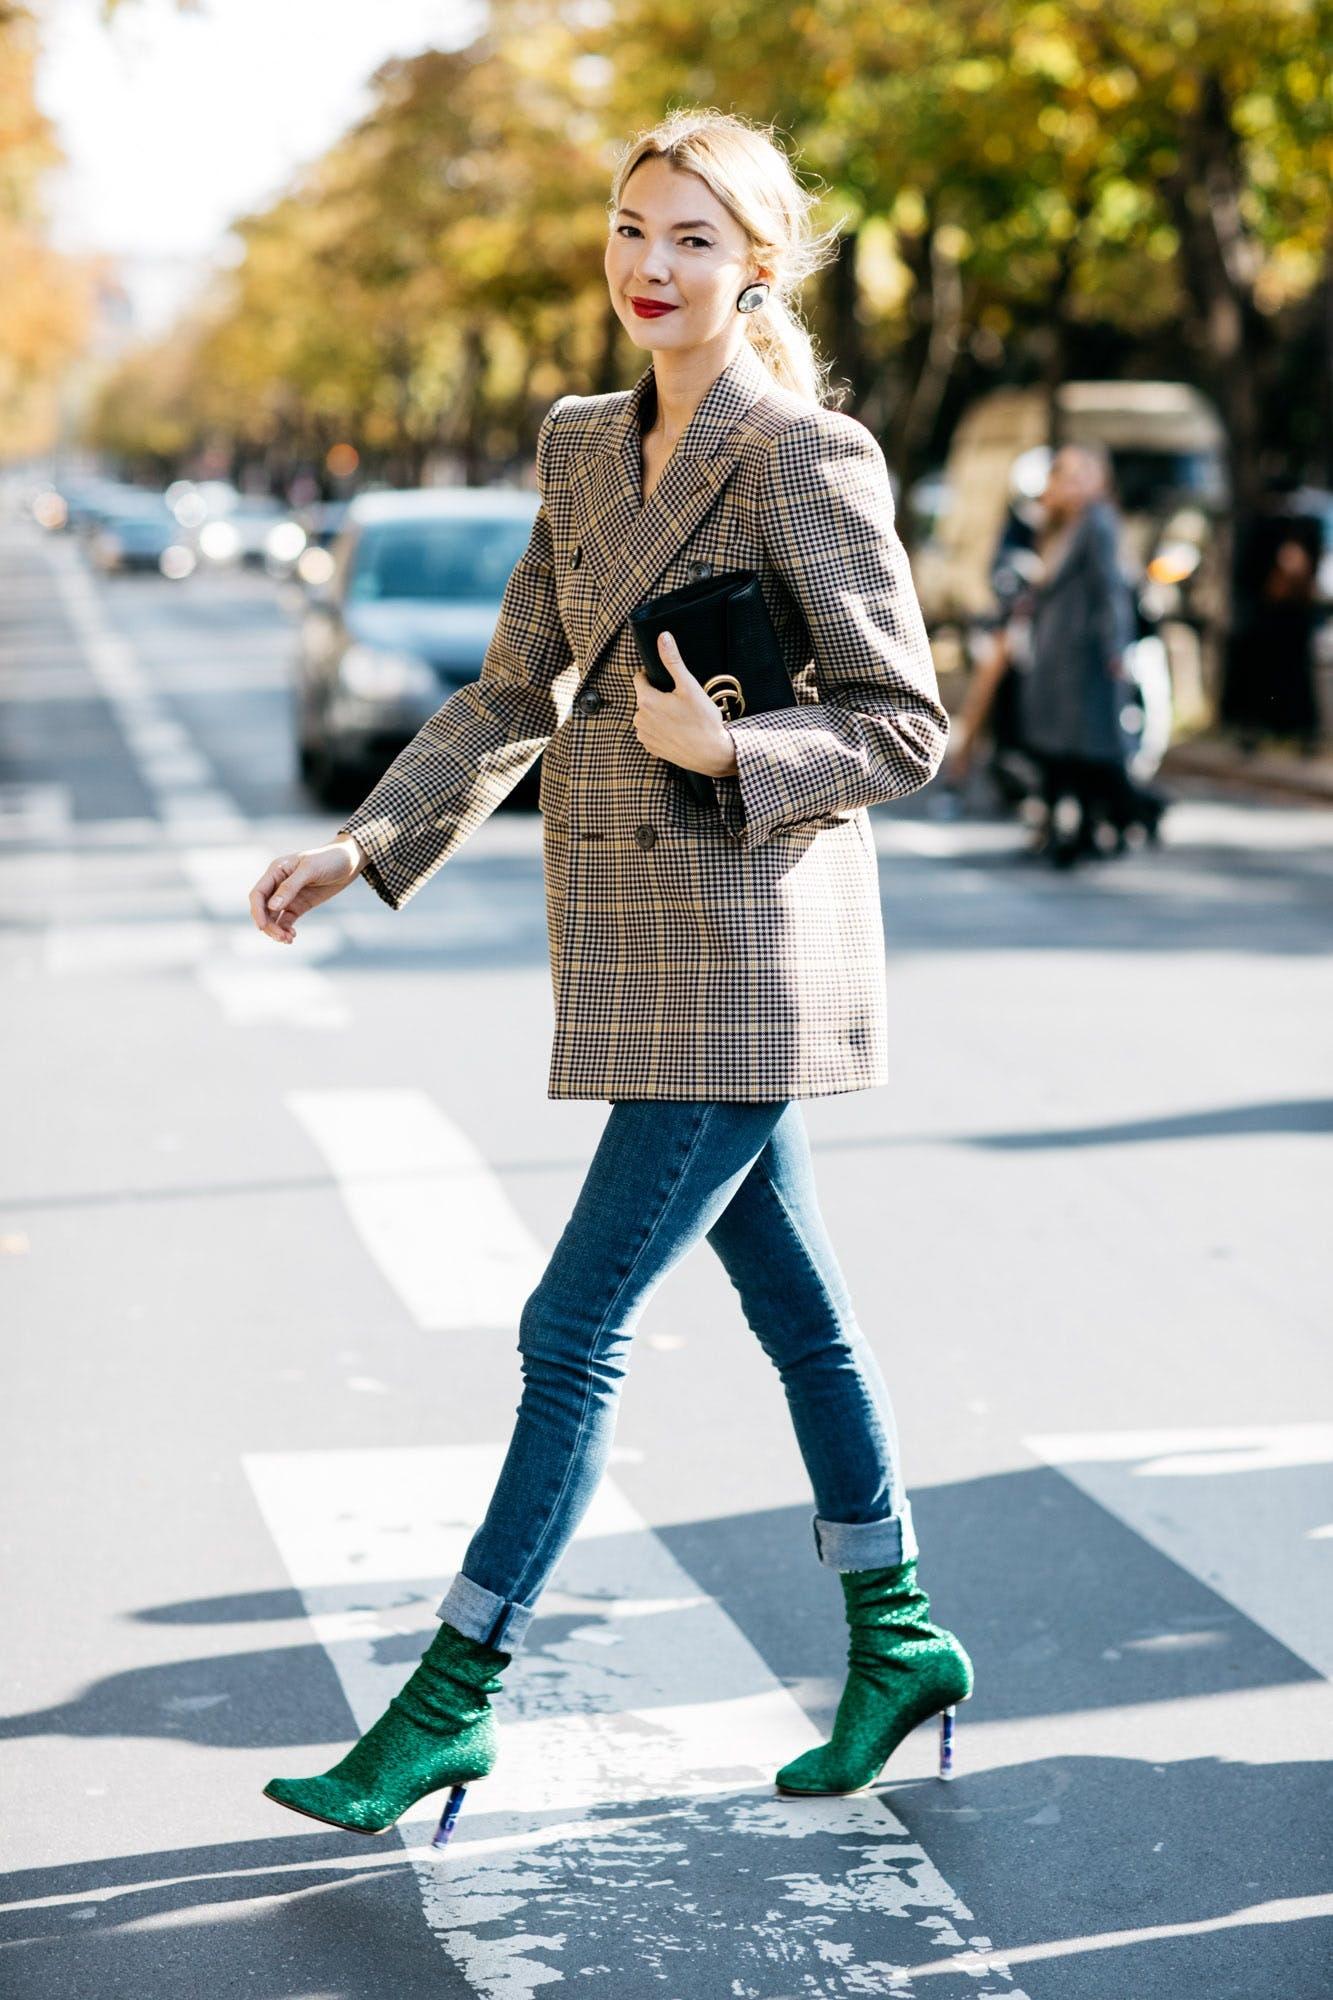 phối đồ công sở với blazer và jeans